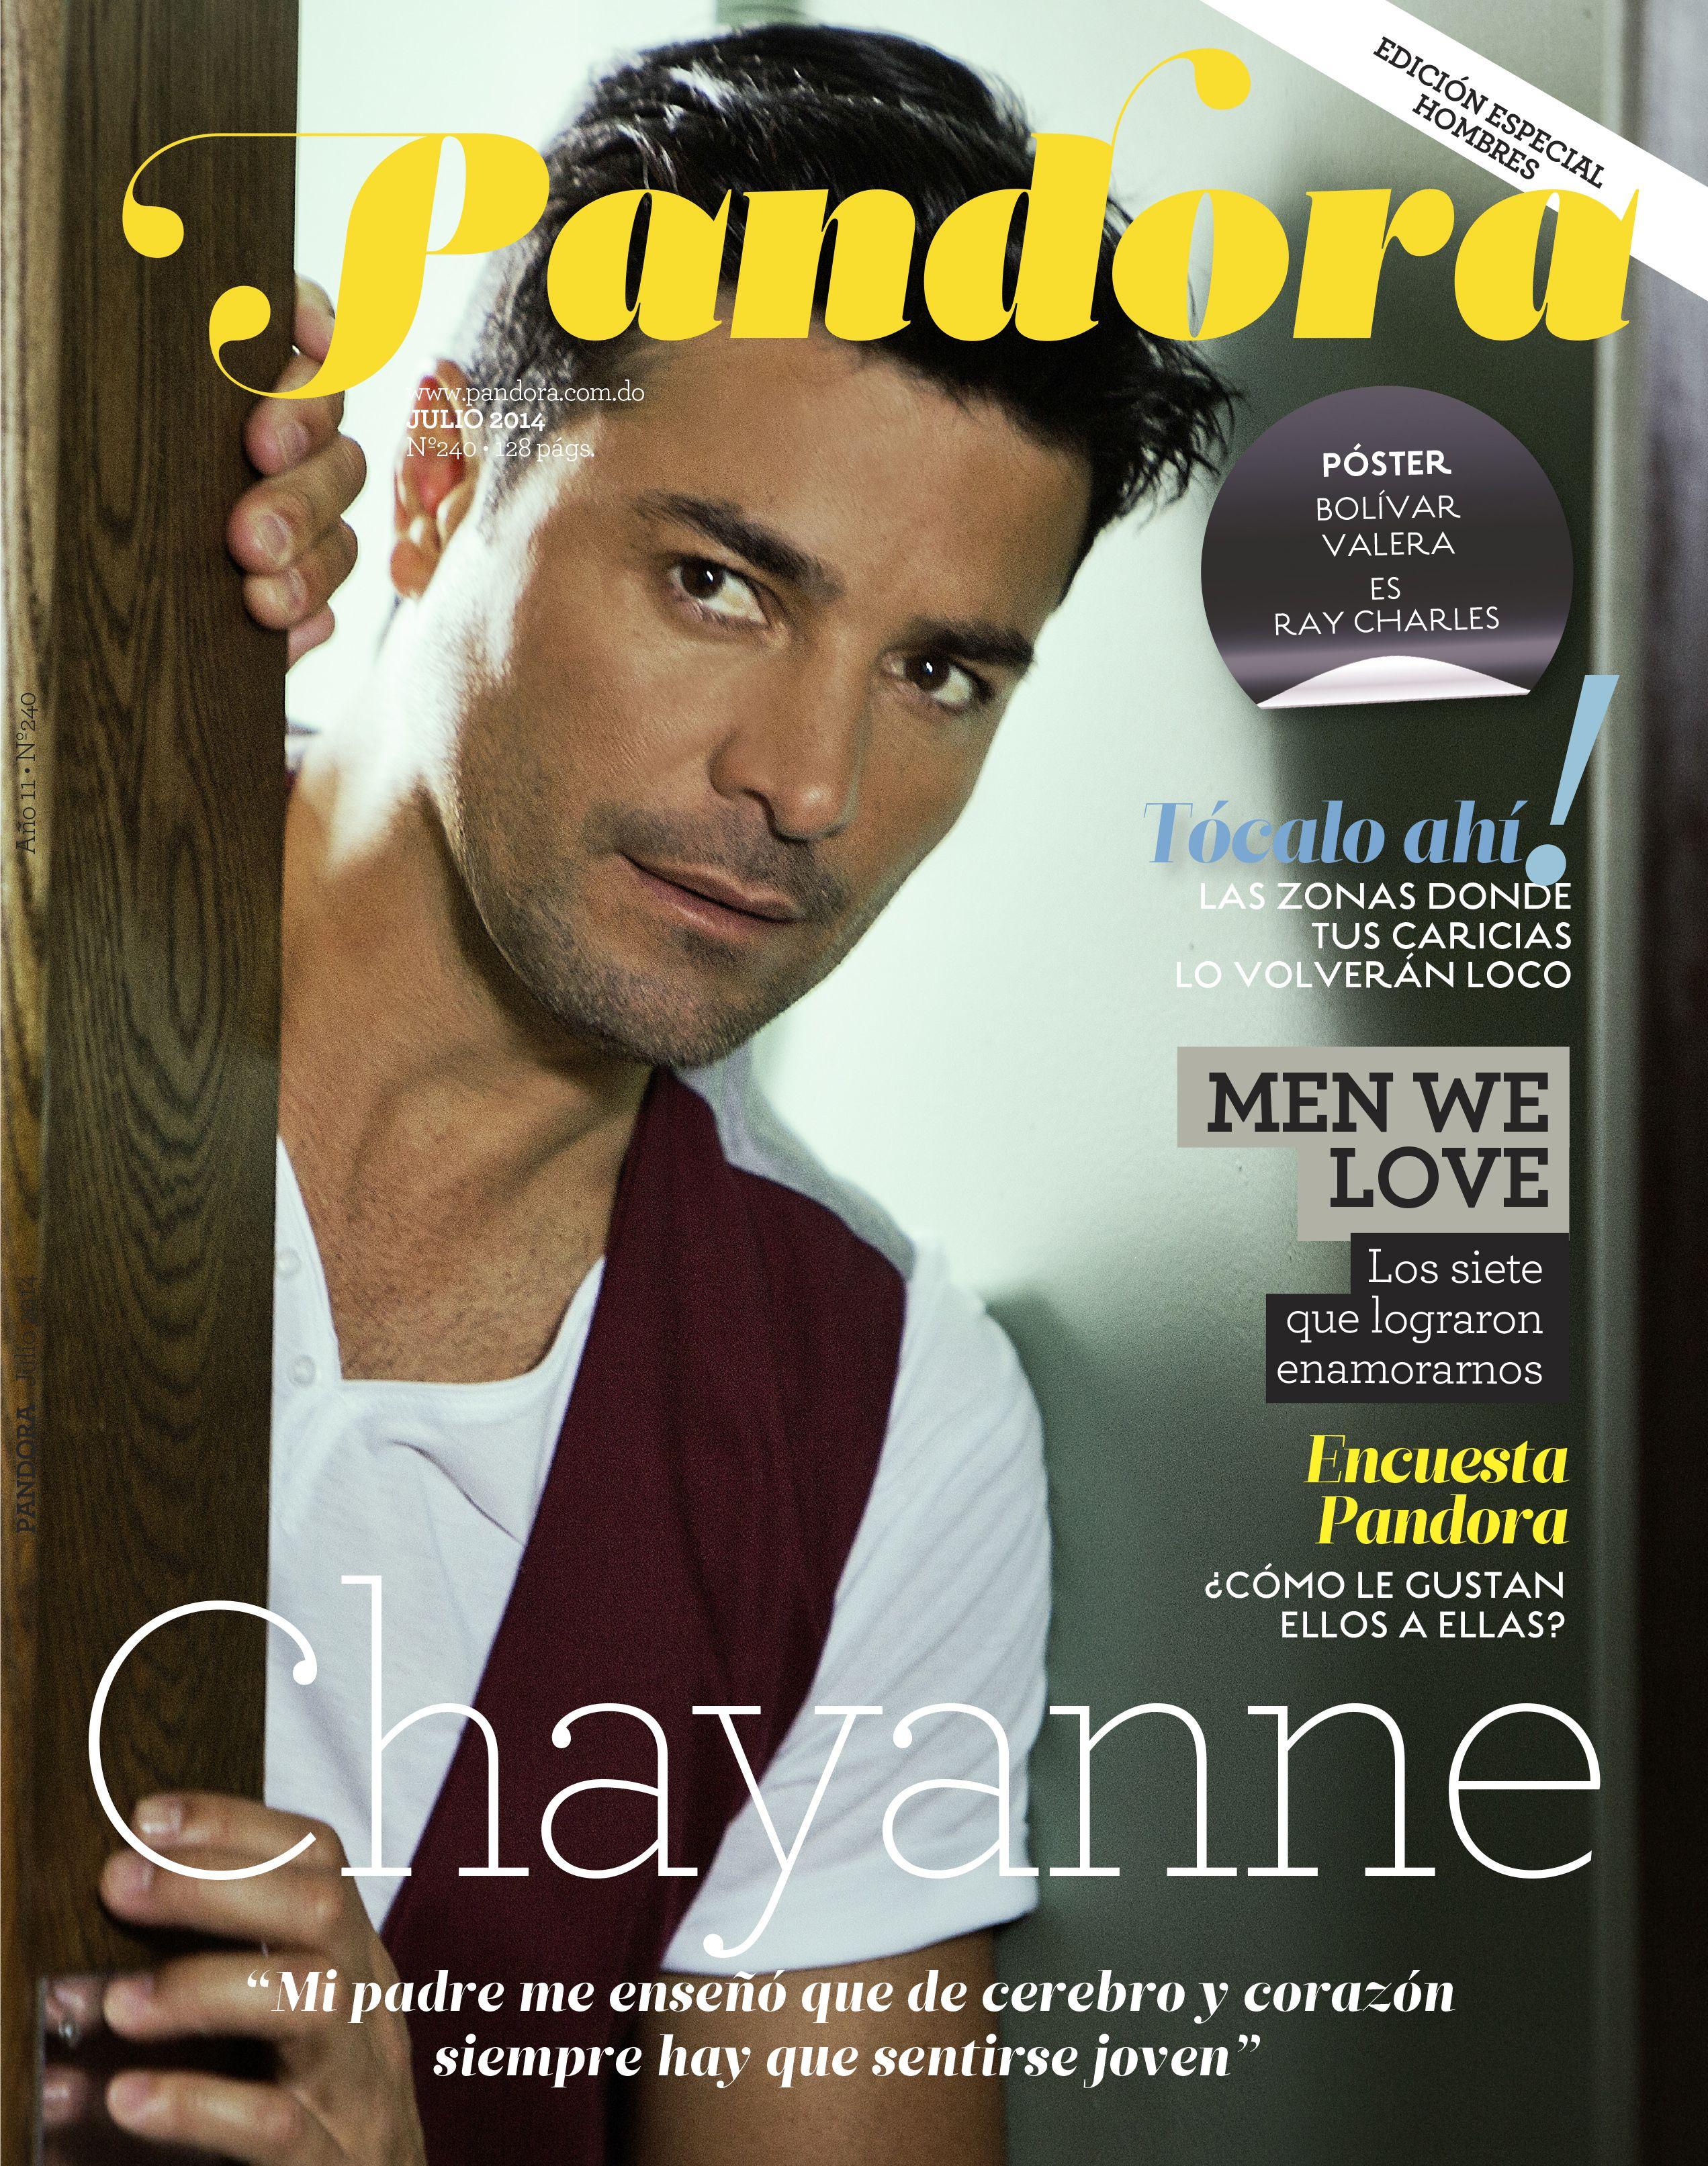 Book Cover Portadas Instagram : Portada pandora mes de julio pandorard magazine